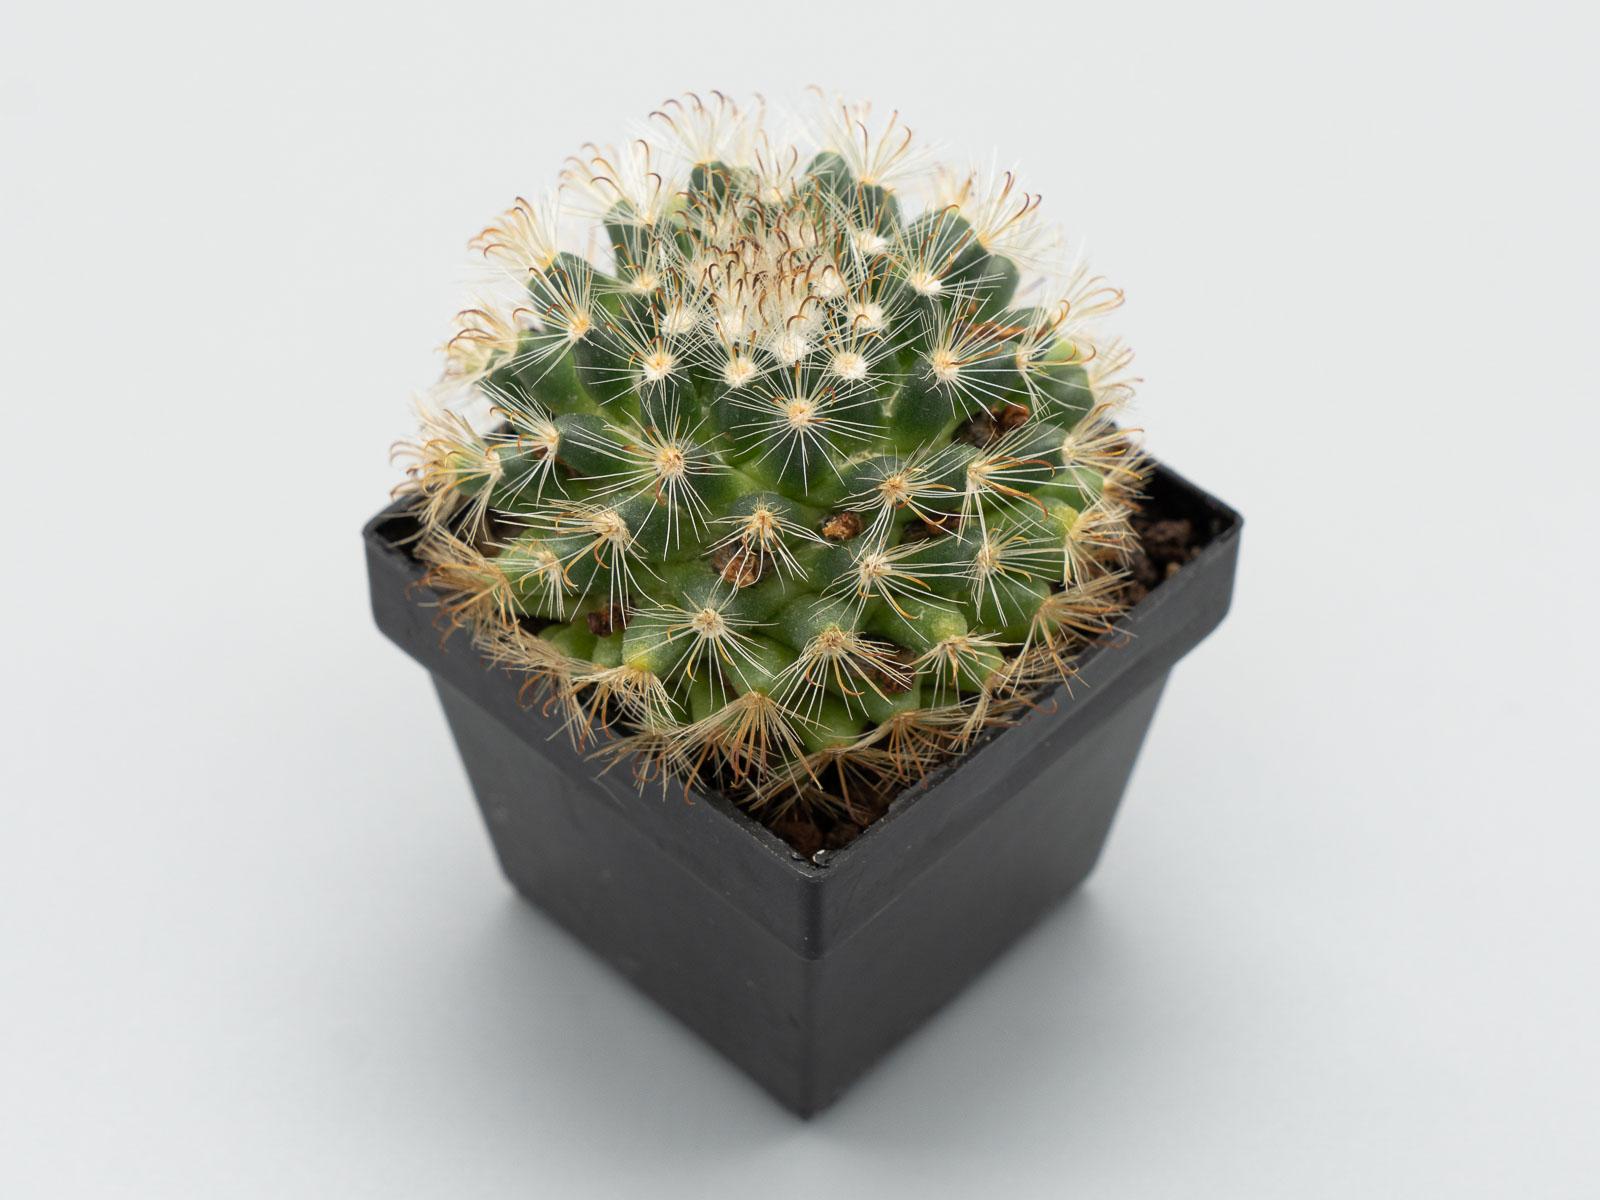 Mammillaria tepexicensis